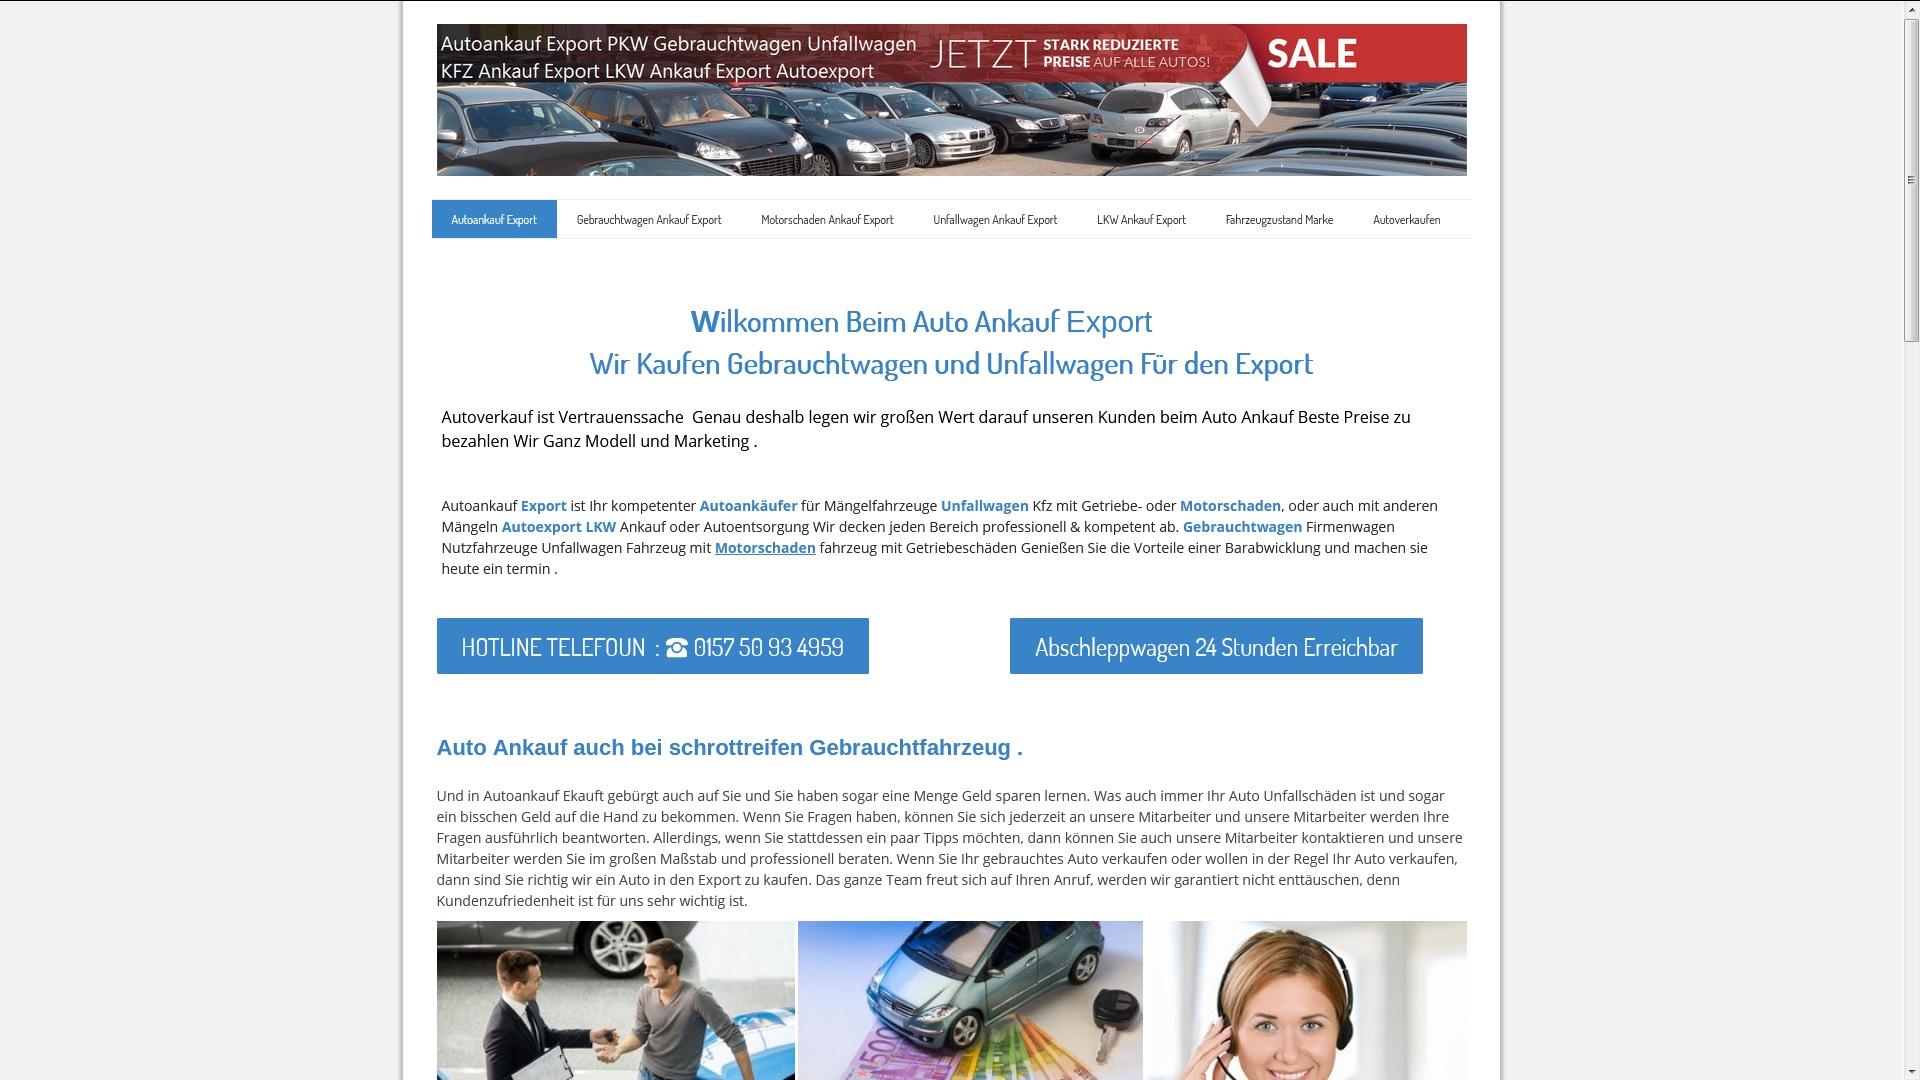 Autoankauf Gießen | die Reparatur des PKW nicht mehr lohnt